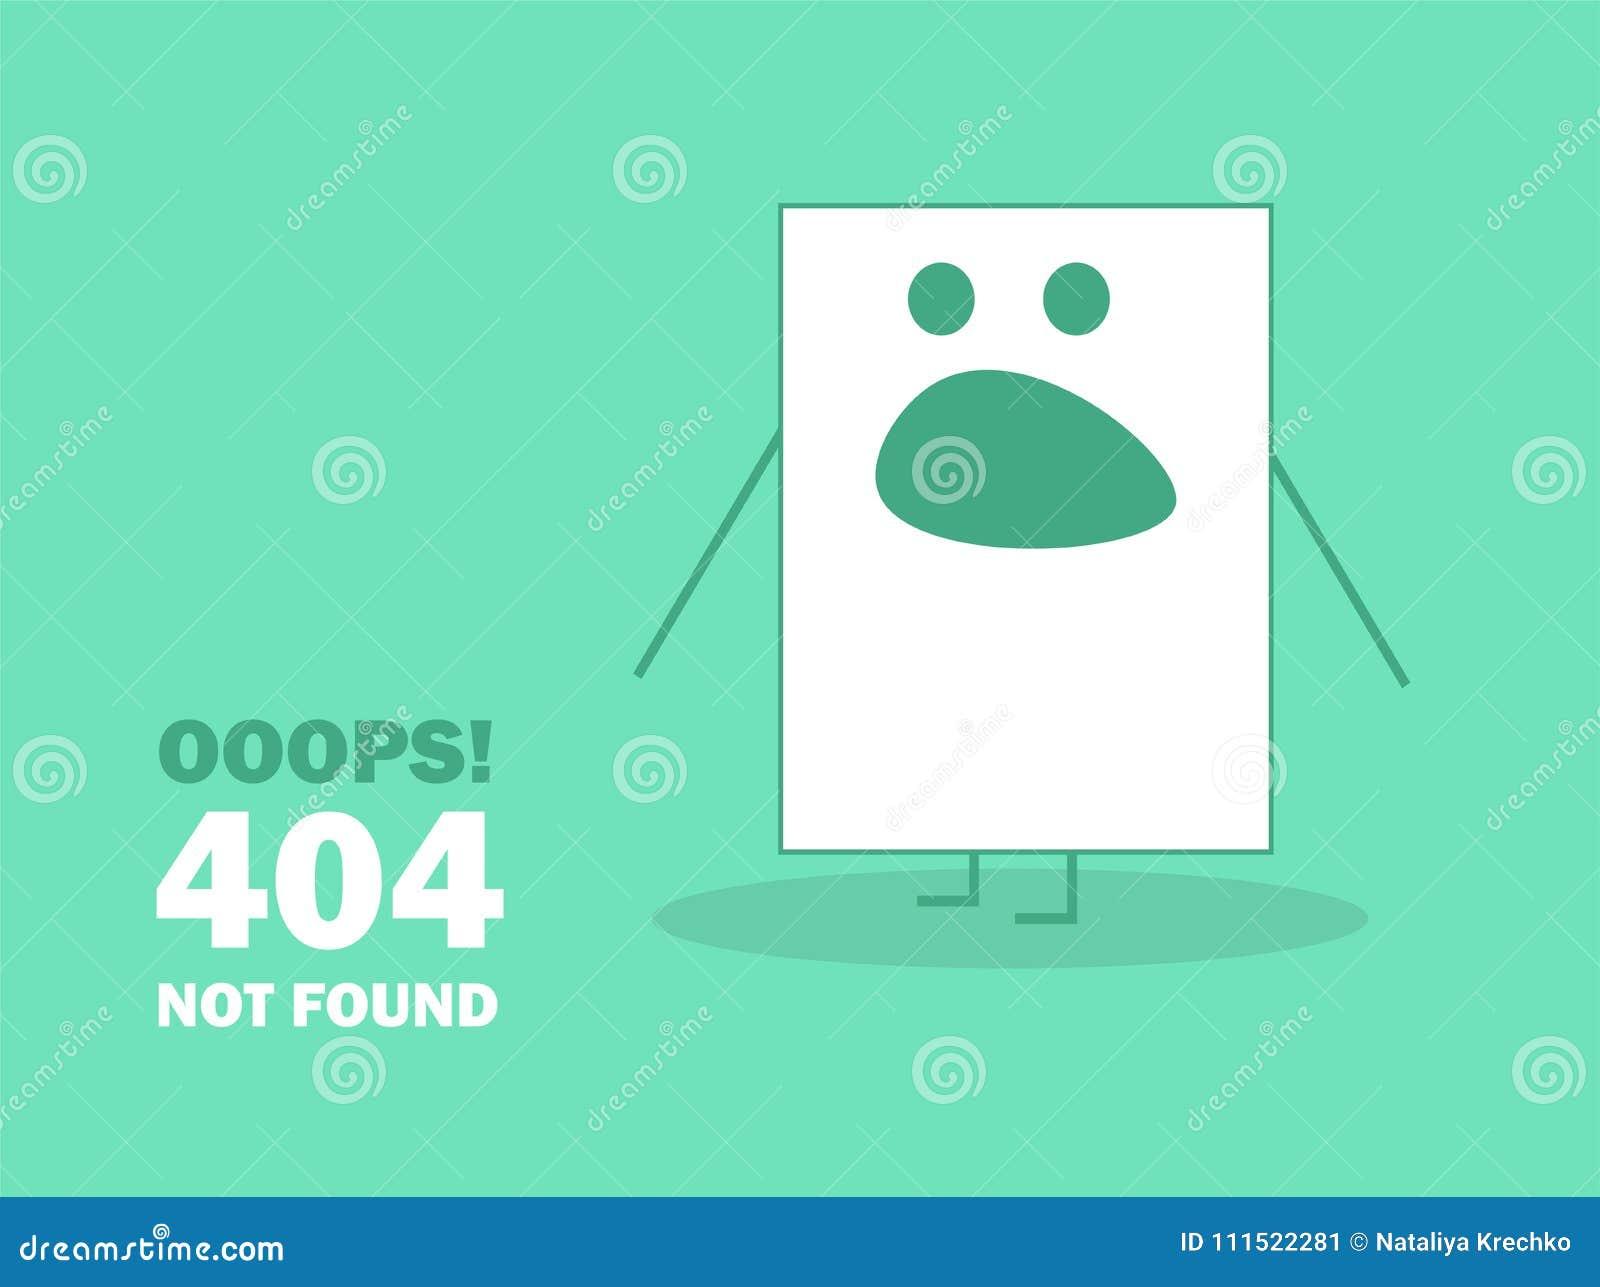 Emoticon för sida för 404 fel funnen inte - vektorillustration